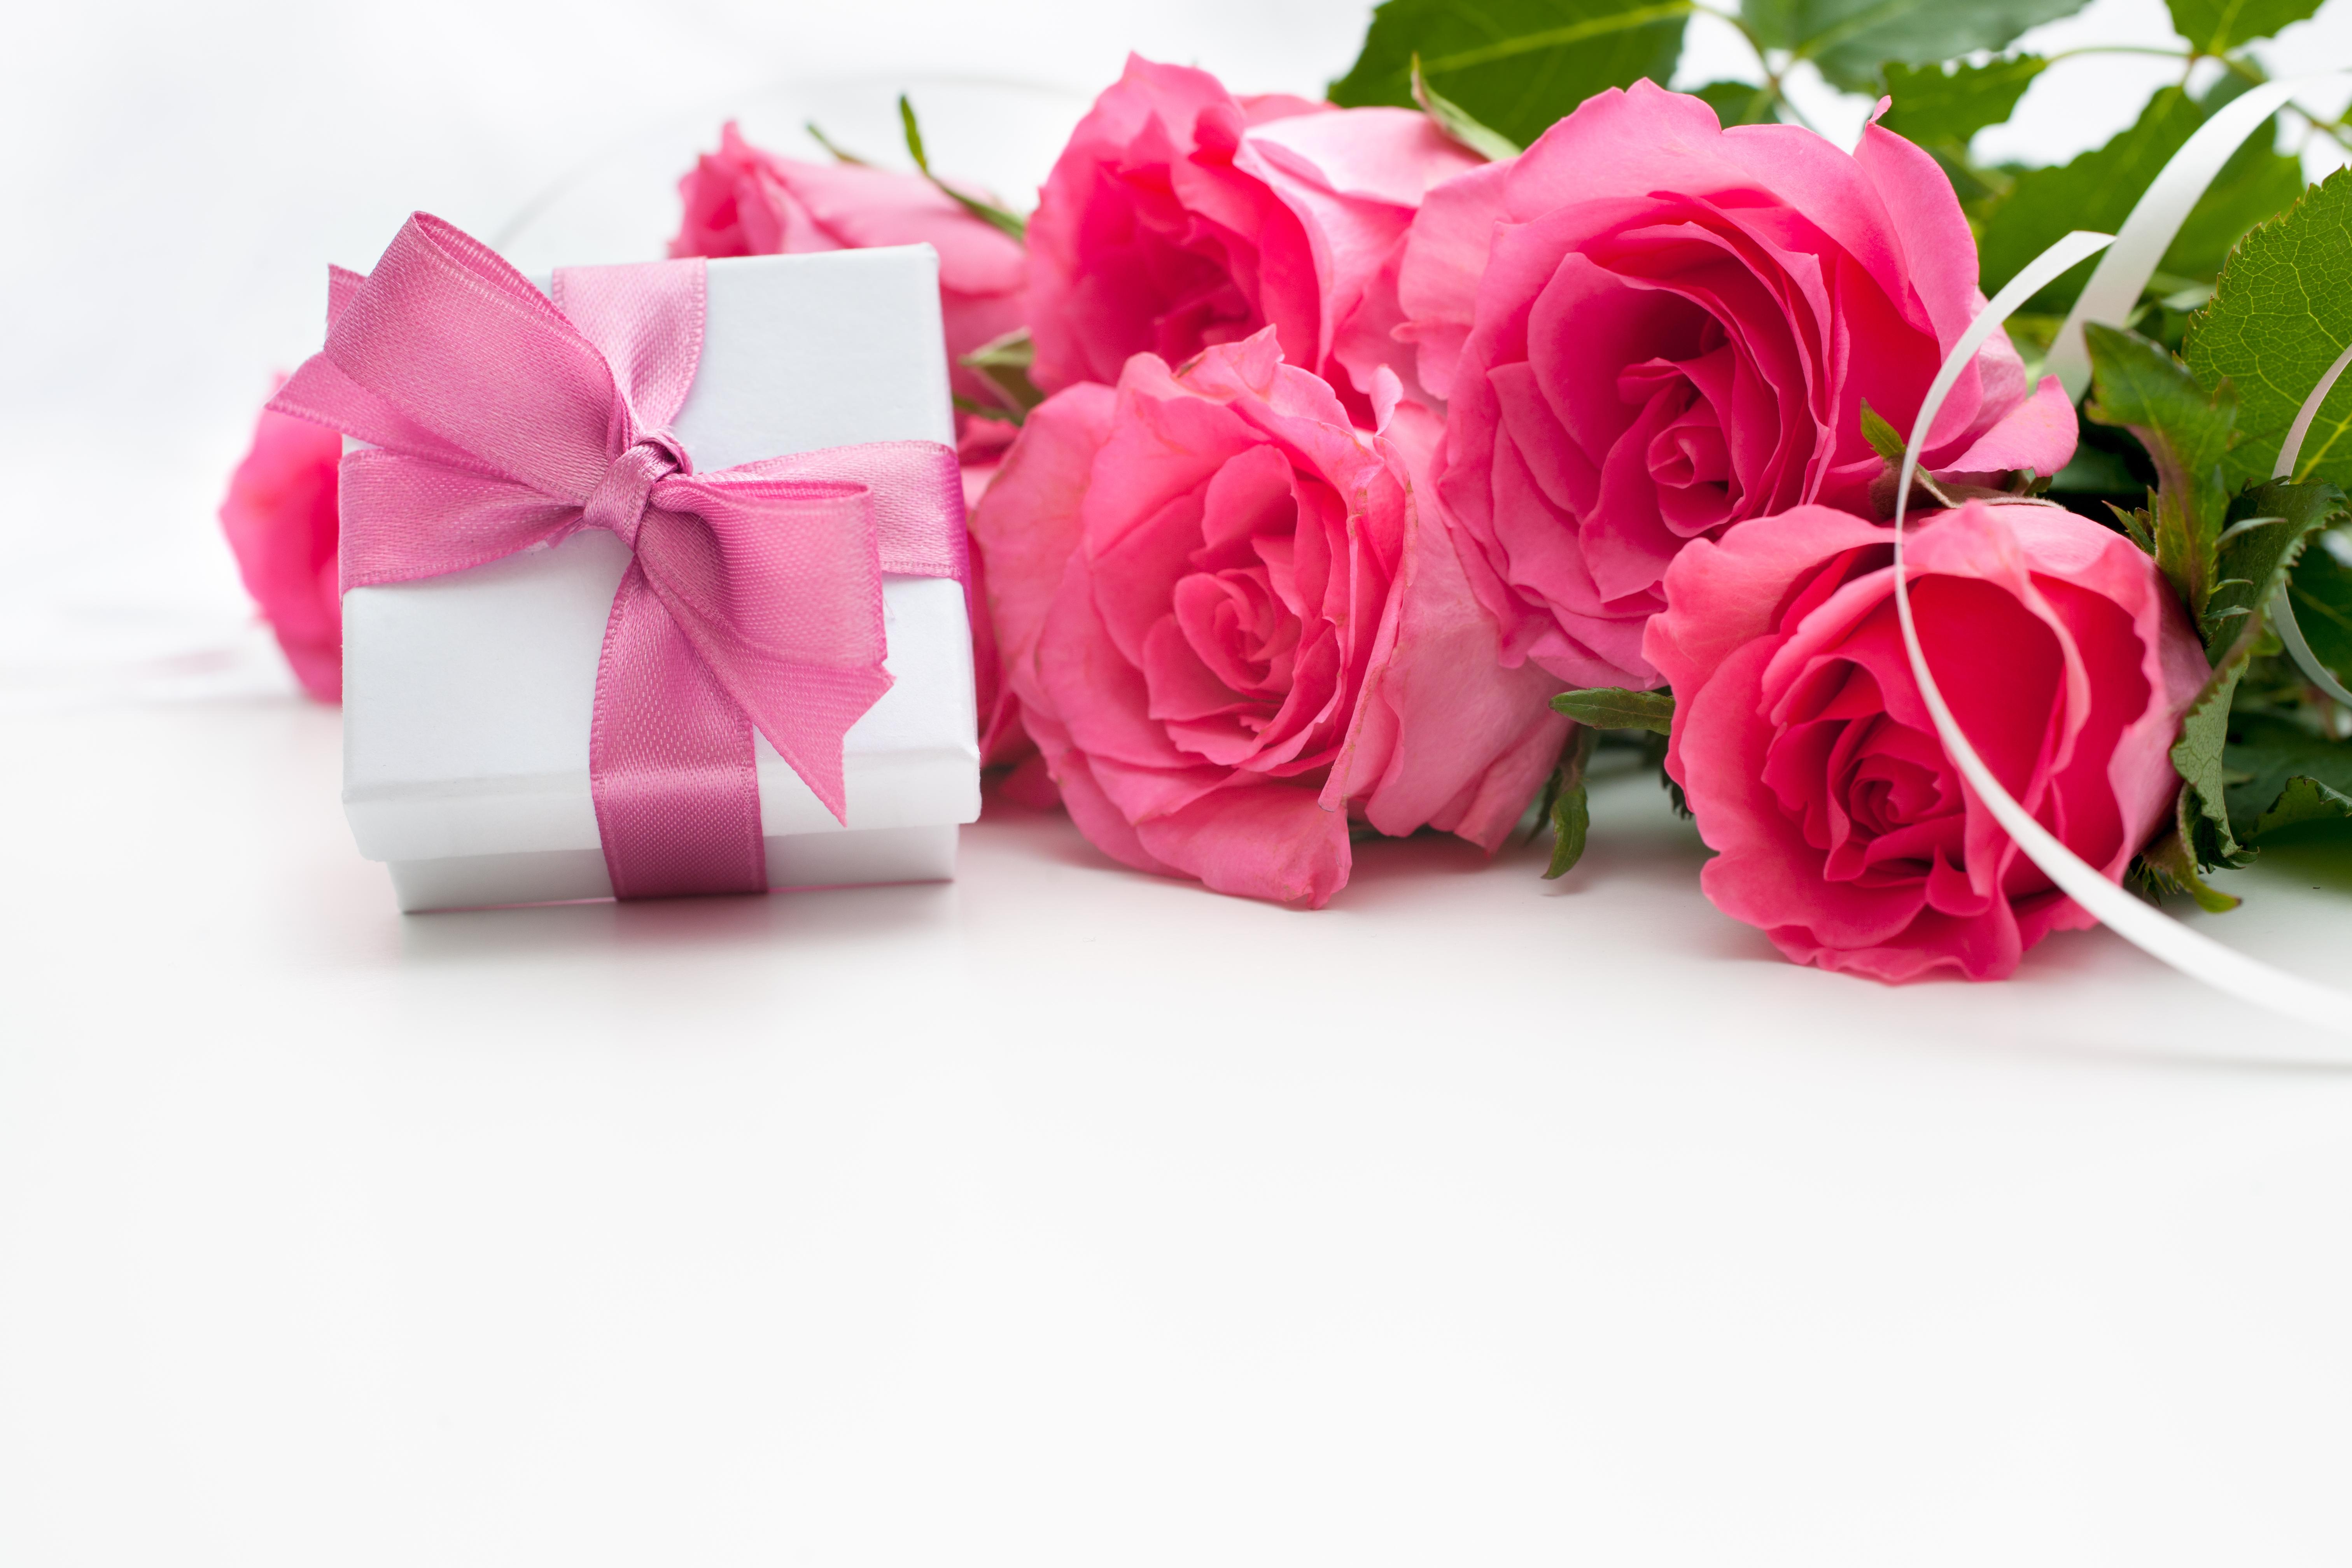 розы,упаковка,букет,праздник  № 759822 без смс